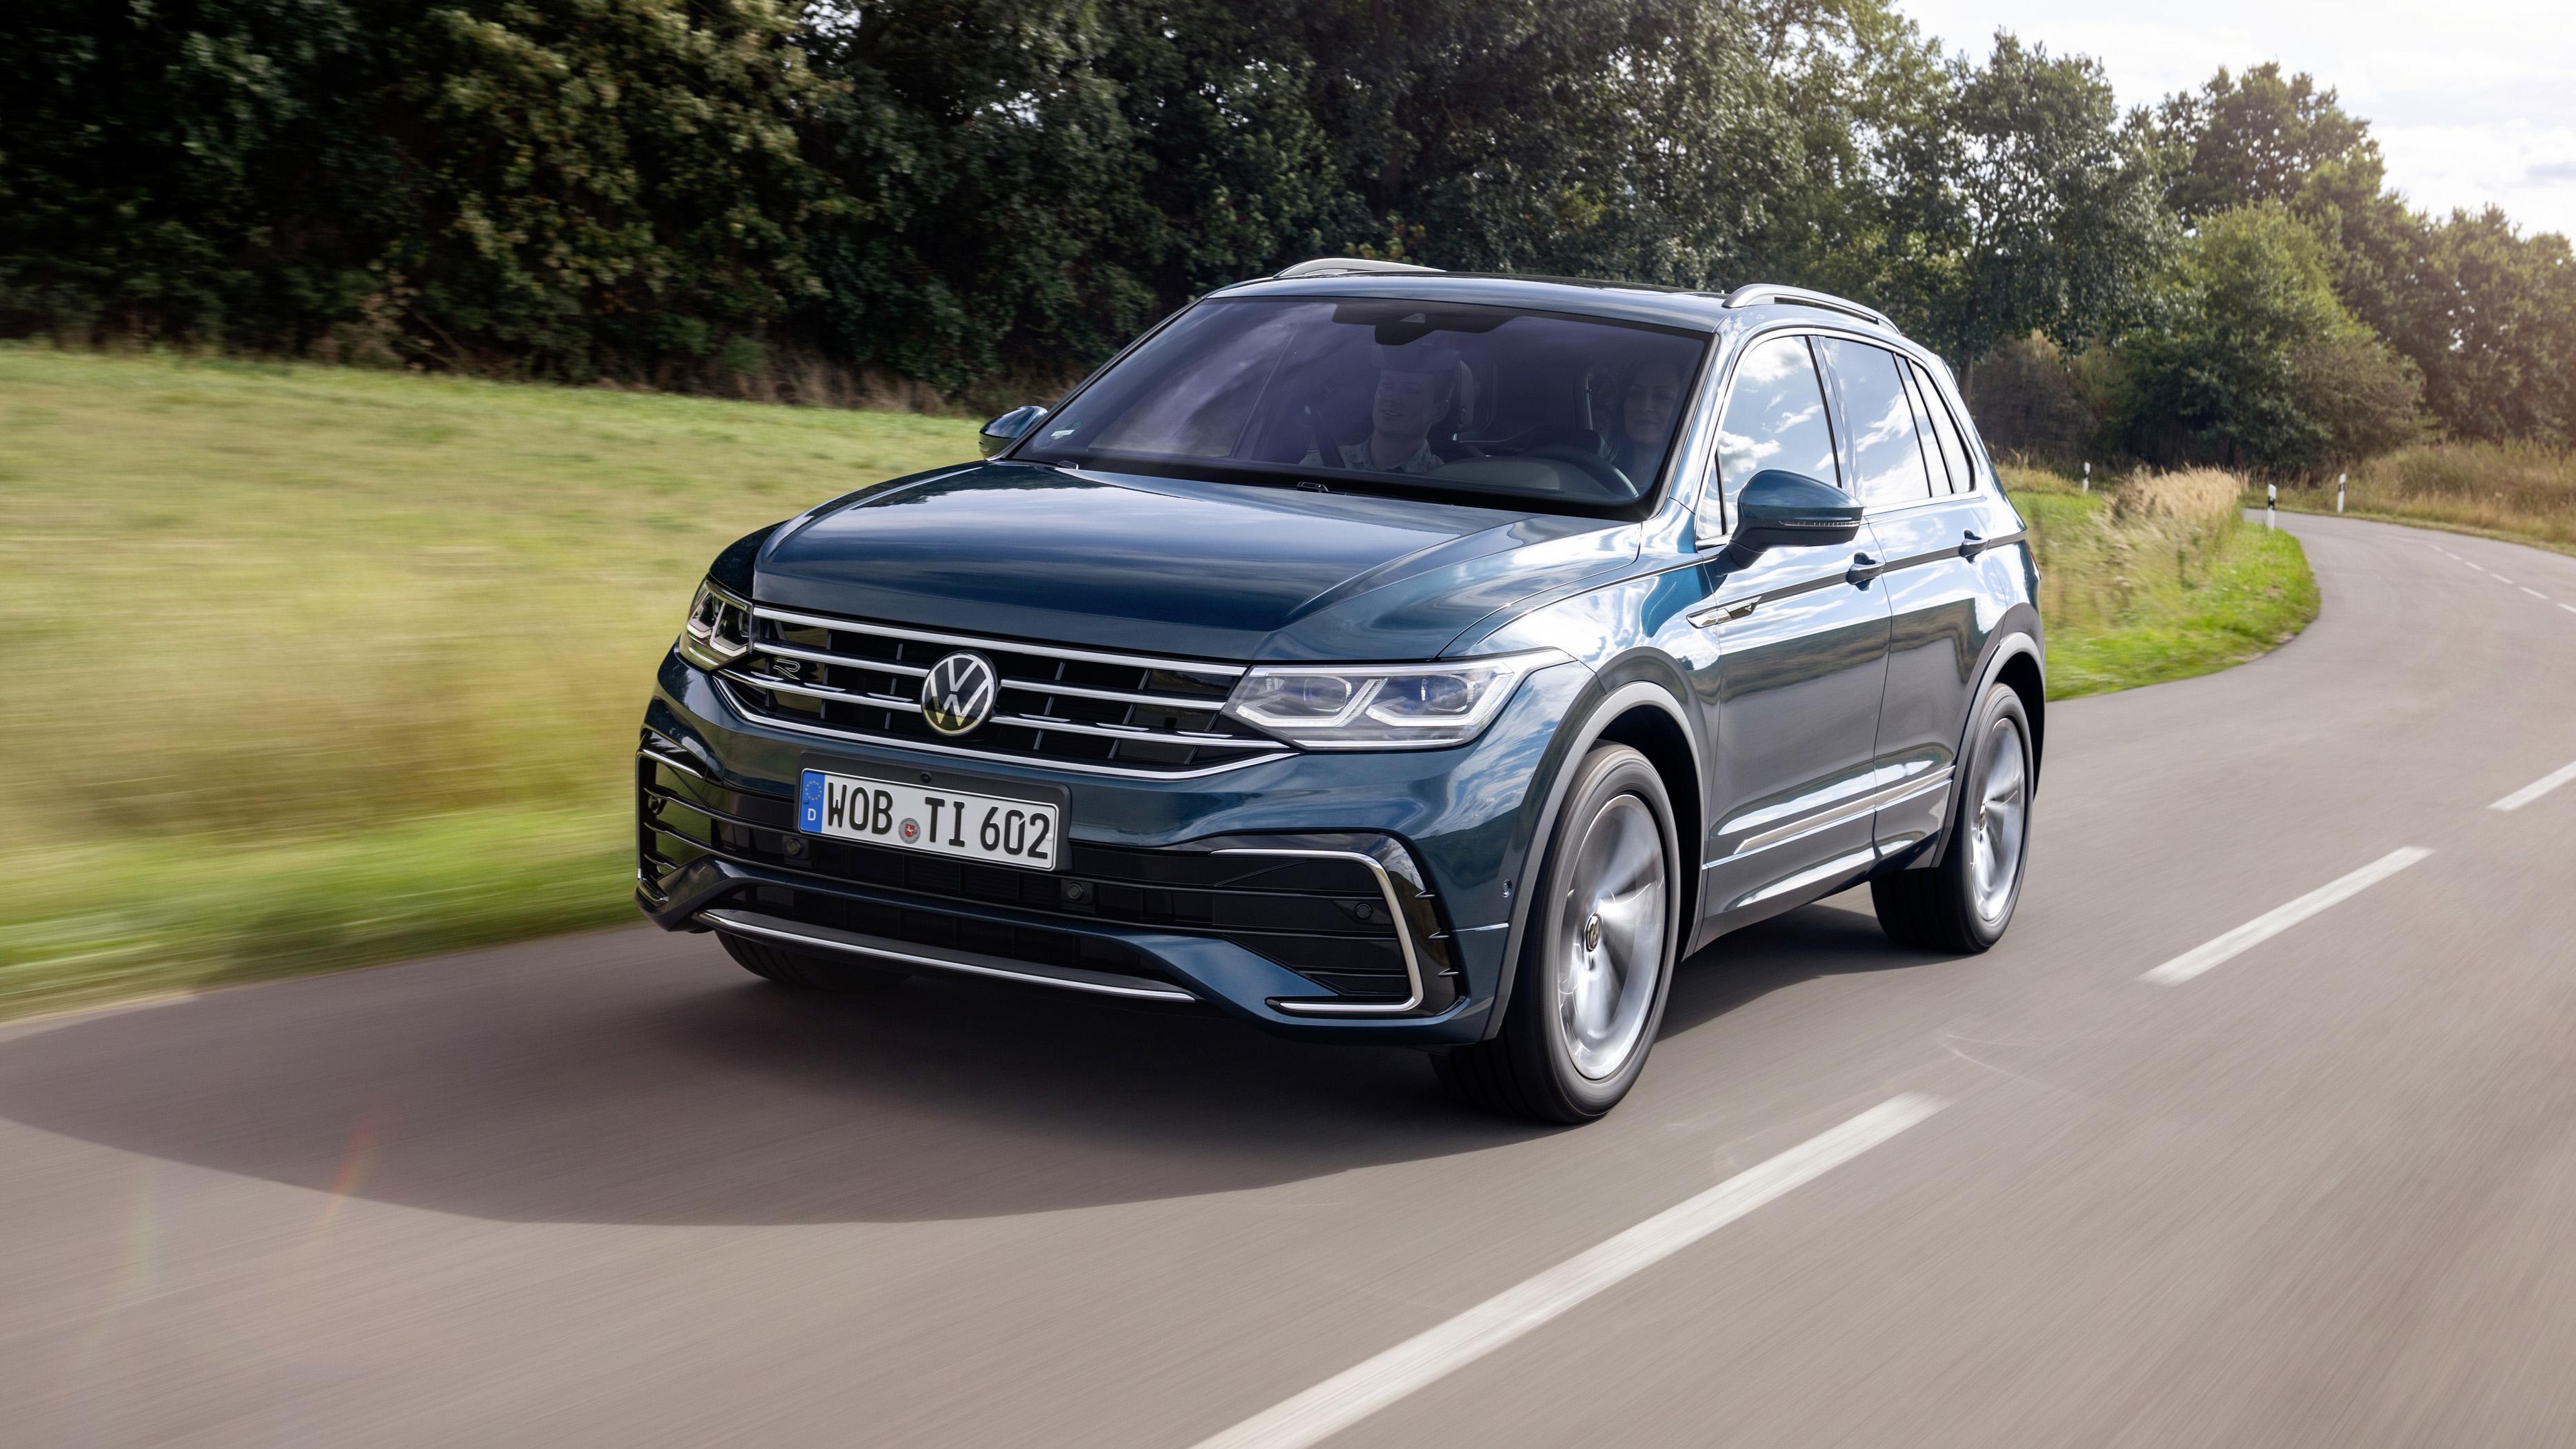 2021 Volkswagen Tiguan: Initial details